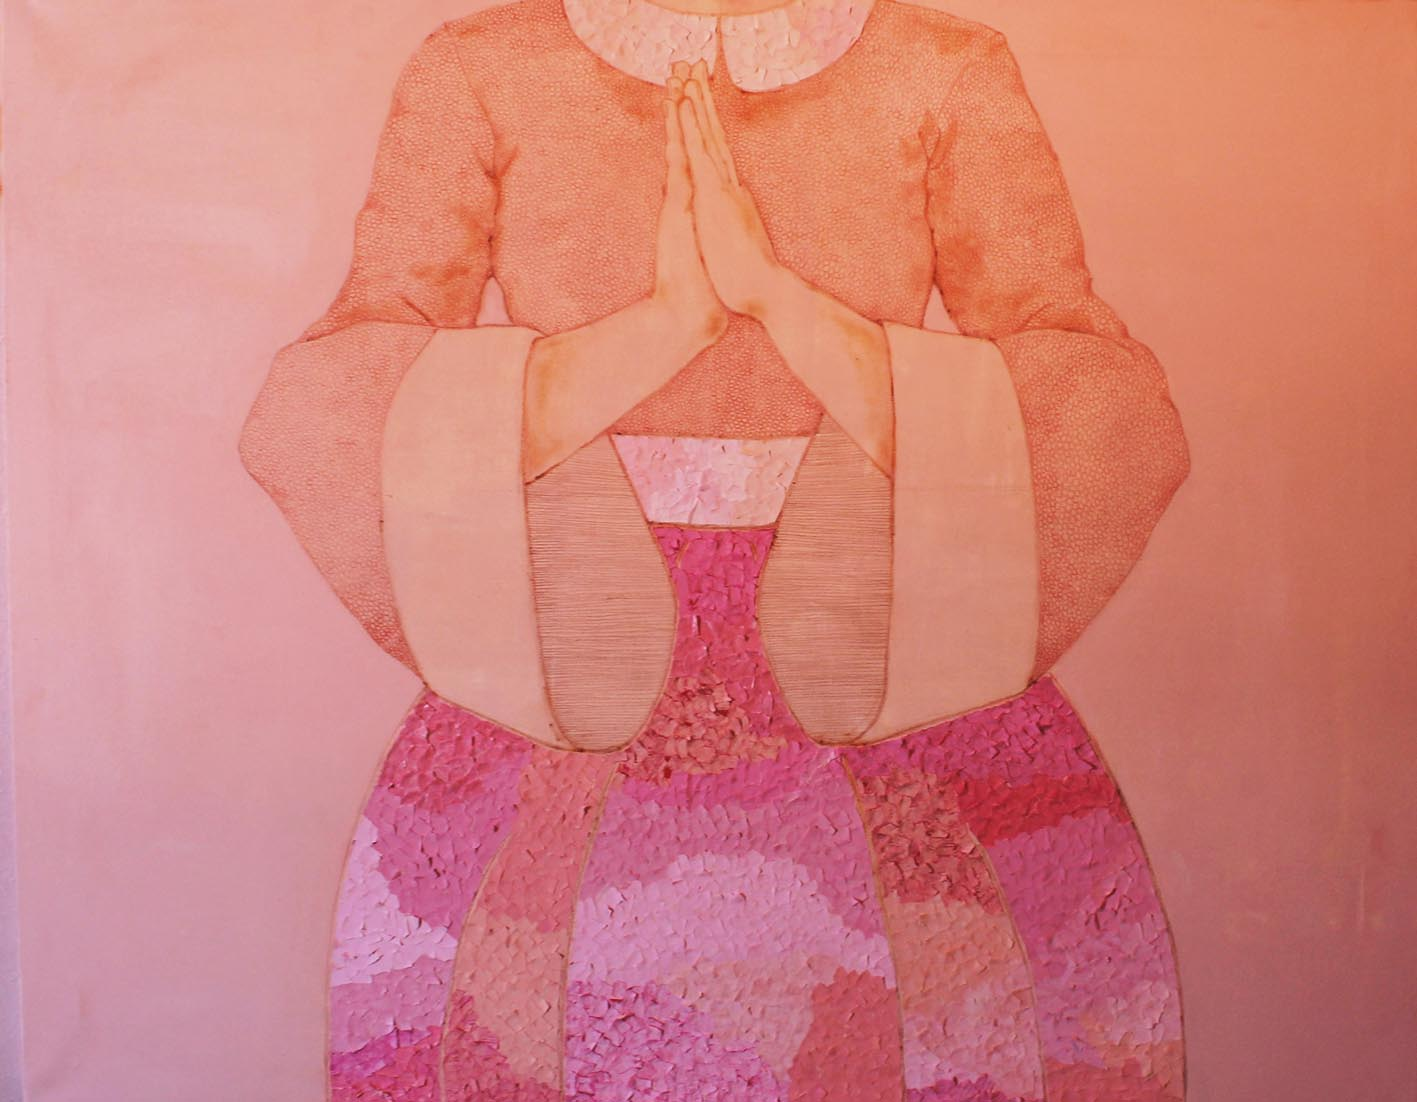 Mammina, |Acrilico, carta e matita colorata su tela, 70x100cm, 2013